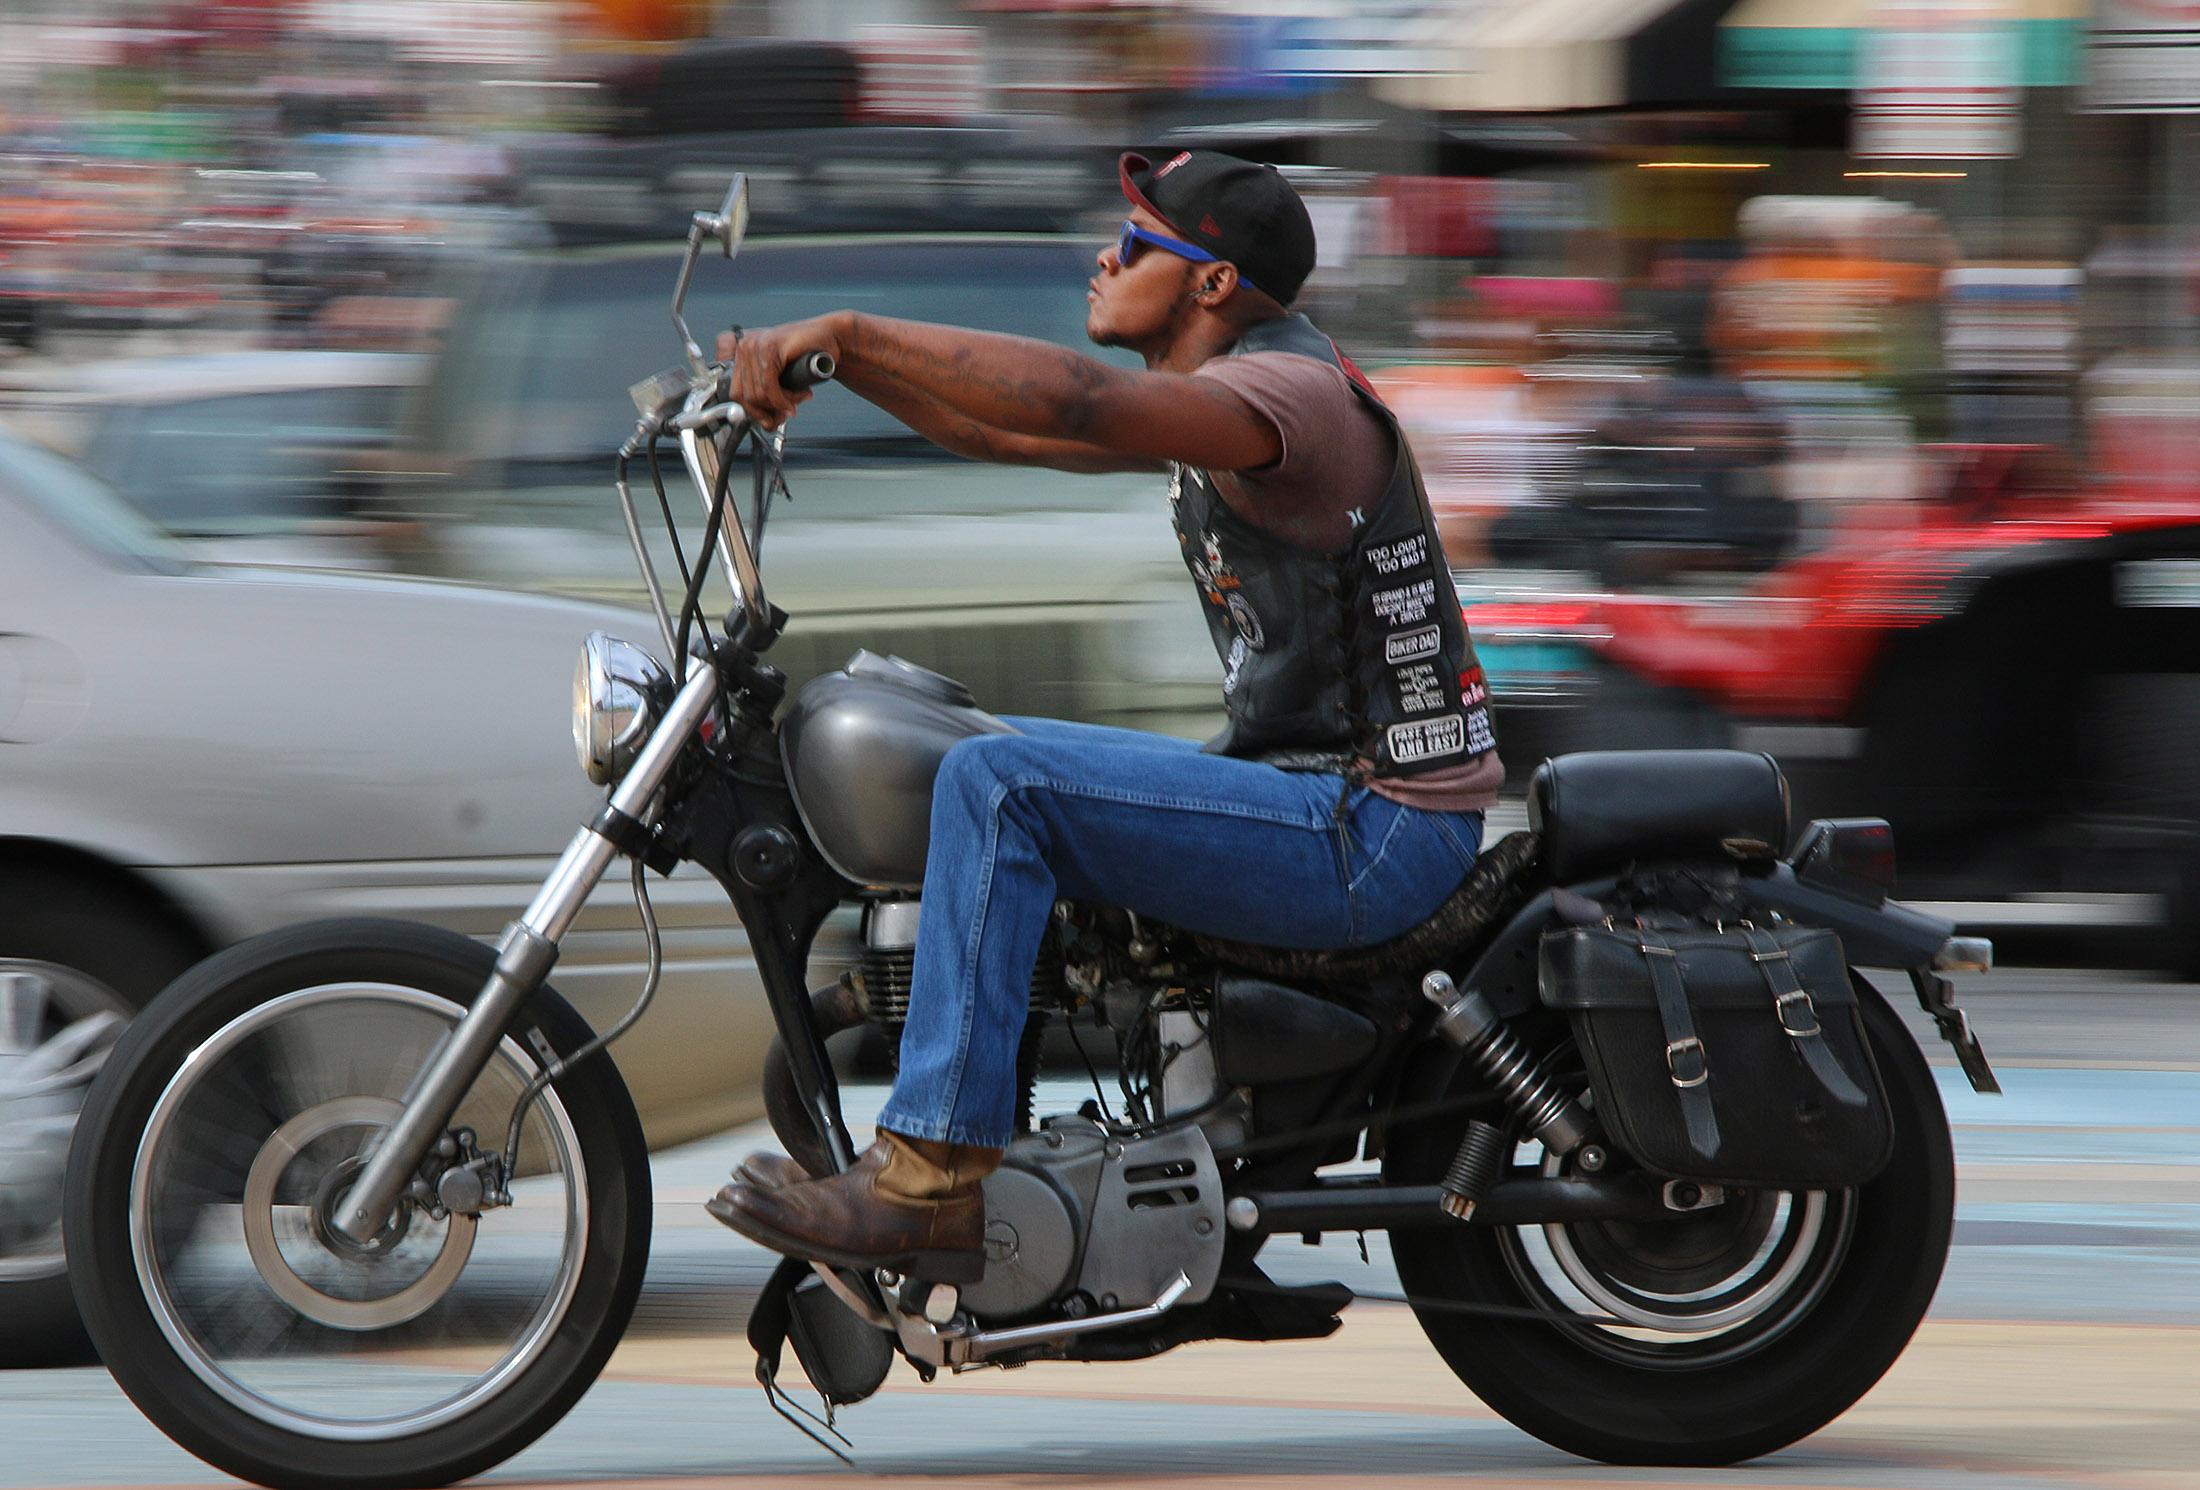 A biker streaks south on A1A as Biketoberfest rolls into day 2 in Daytona Beach Friday  October 16, 2015. News-Journal/JIM TILLER